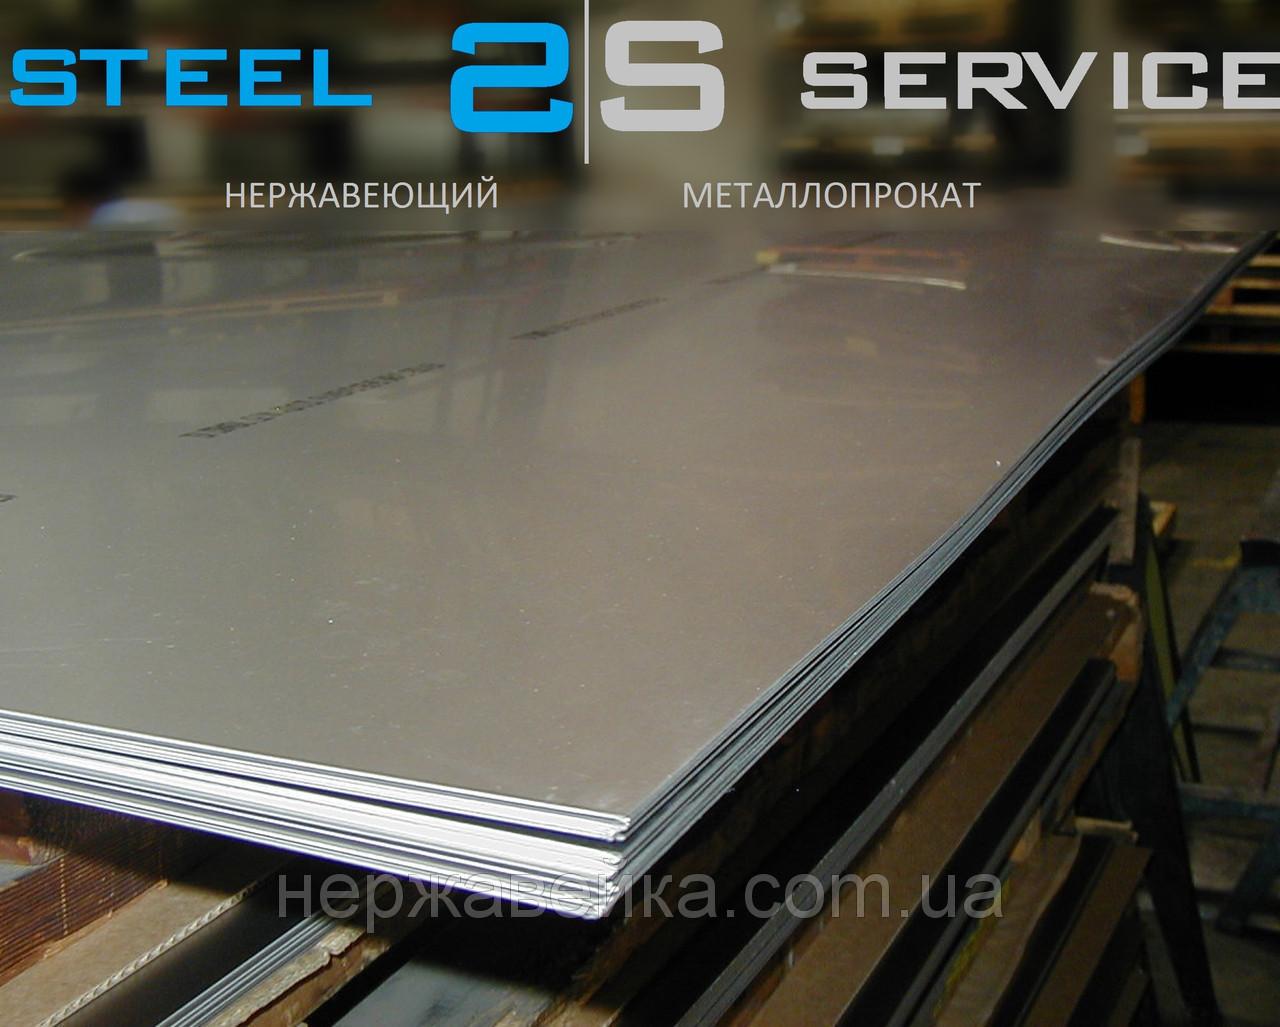 Нержавеющий лист 30х1000х2000мм  AISI 309(20Х23Н13, 20Х20Н14С2) F1 - горячекатанный,  жаропрочный